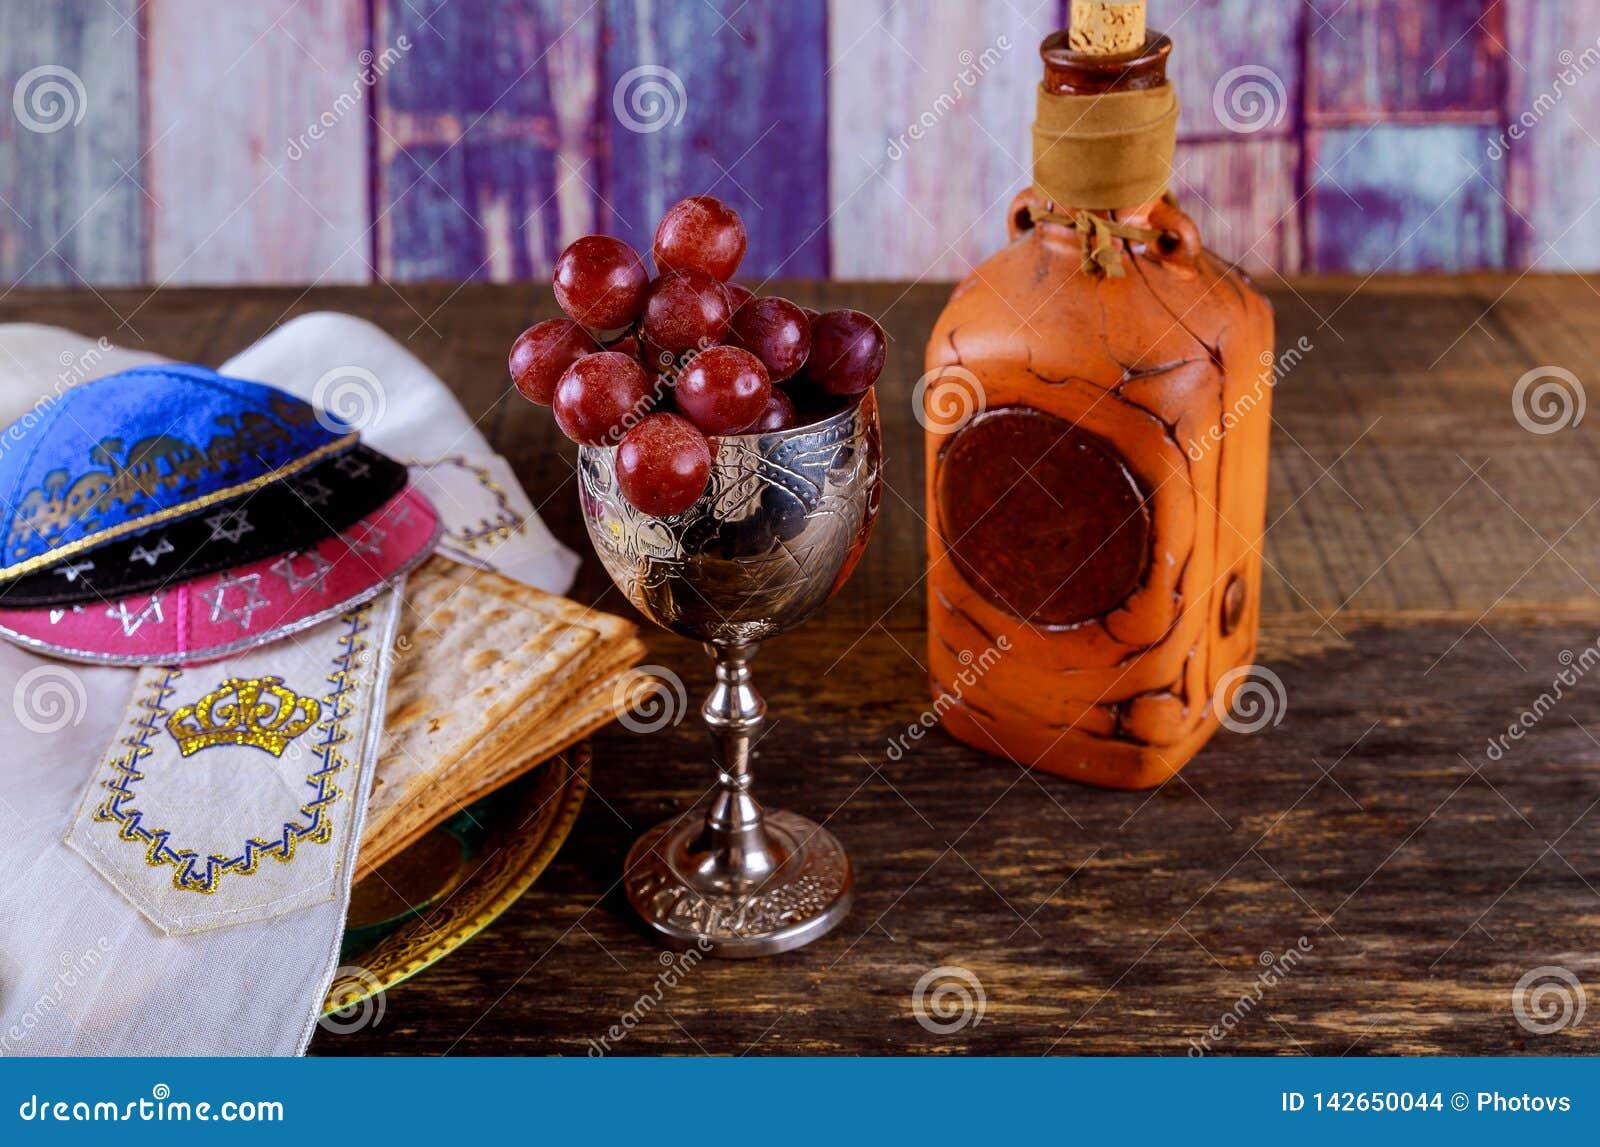 Stäng sig upp av för feriepåskhögtid för begrepp judisk matzot och tallit ersättningen för bröd på den judiska påskhögtidferien